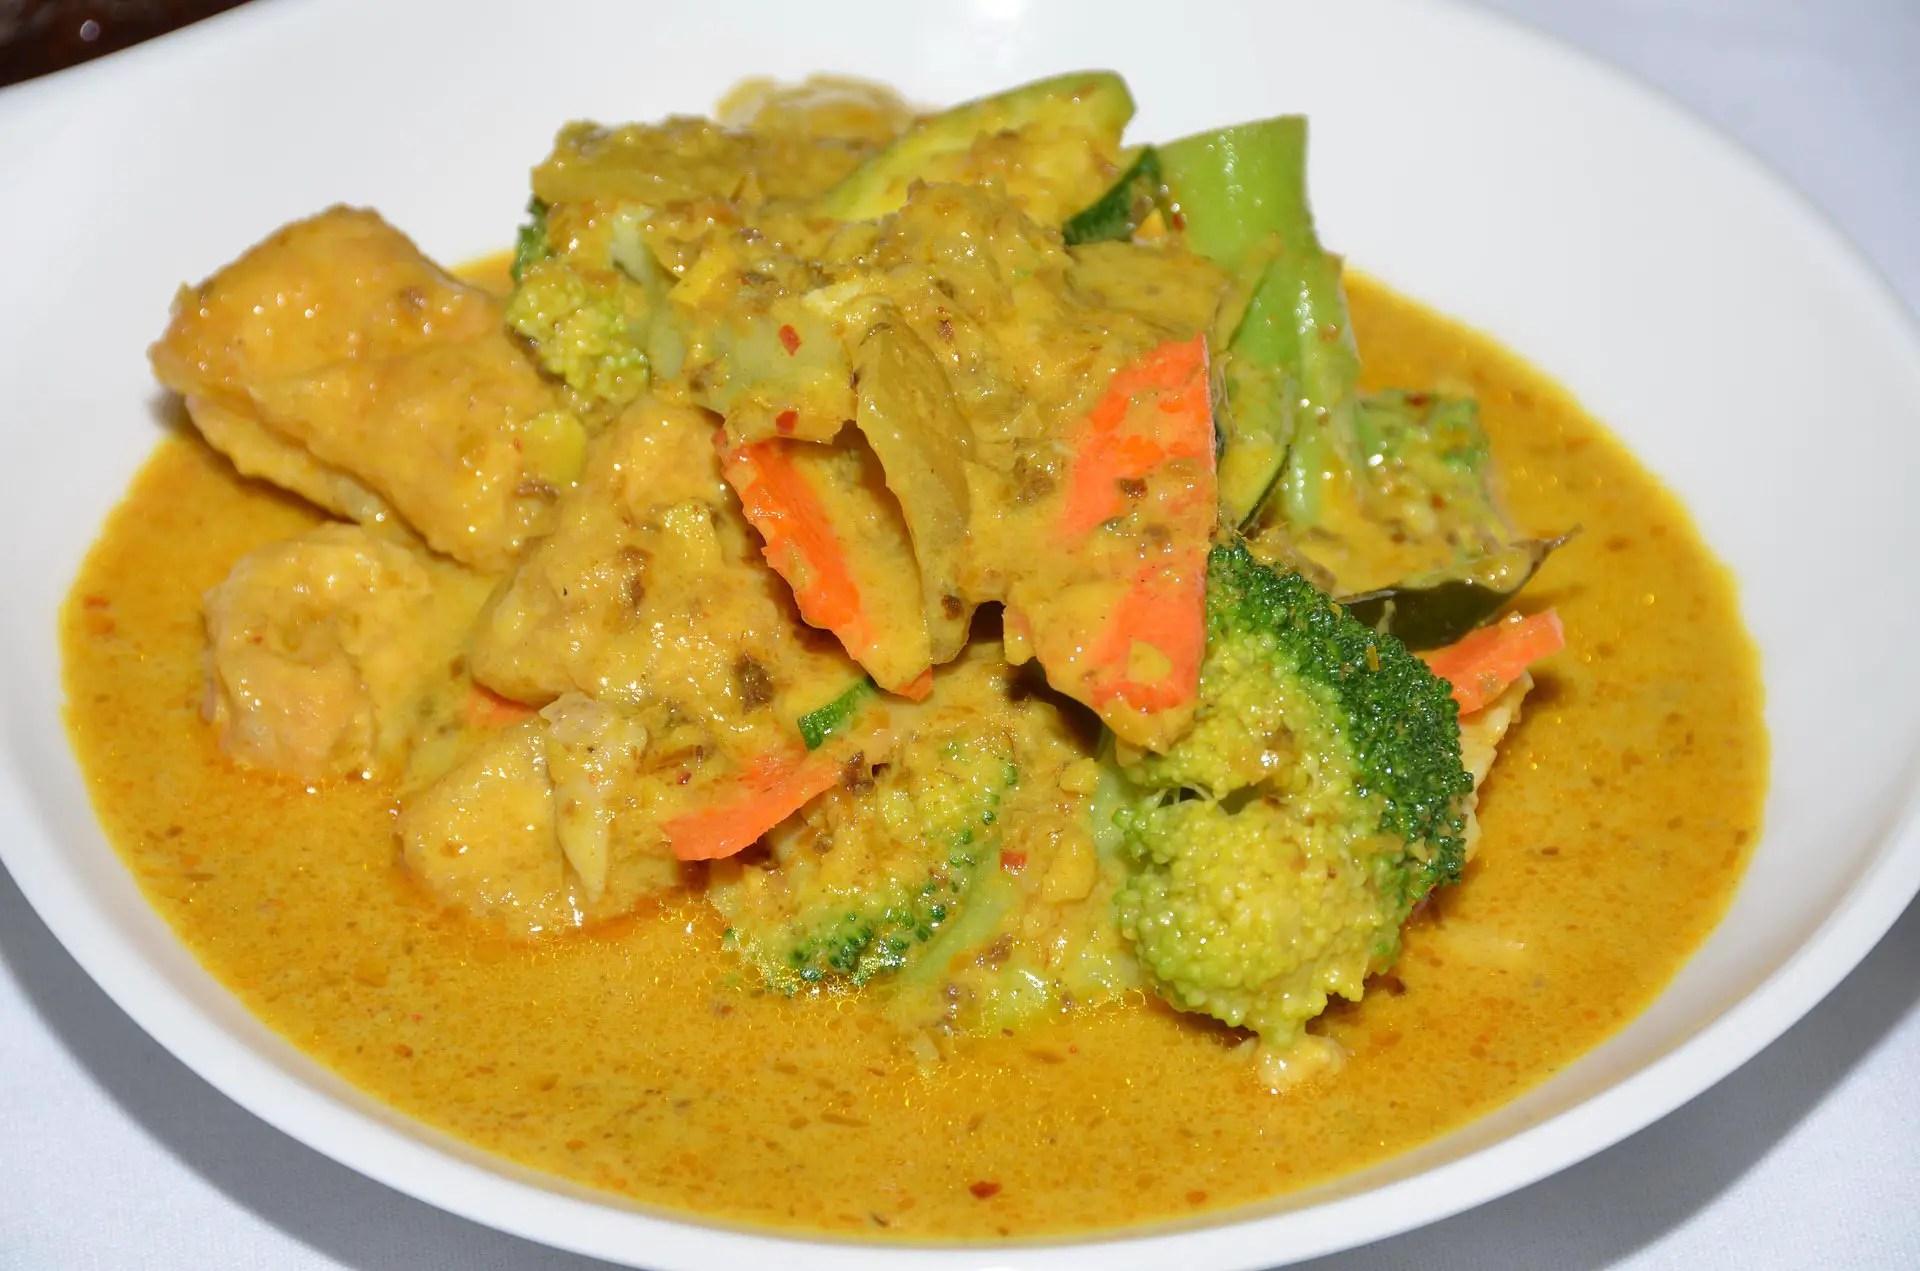 Hackfleischbällchen in Karotten-Curry